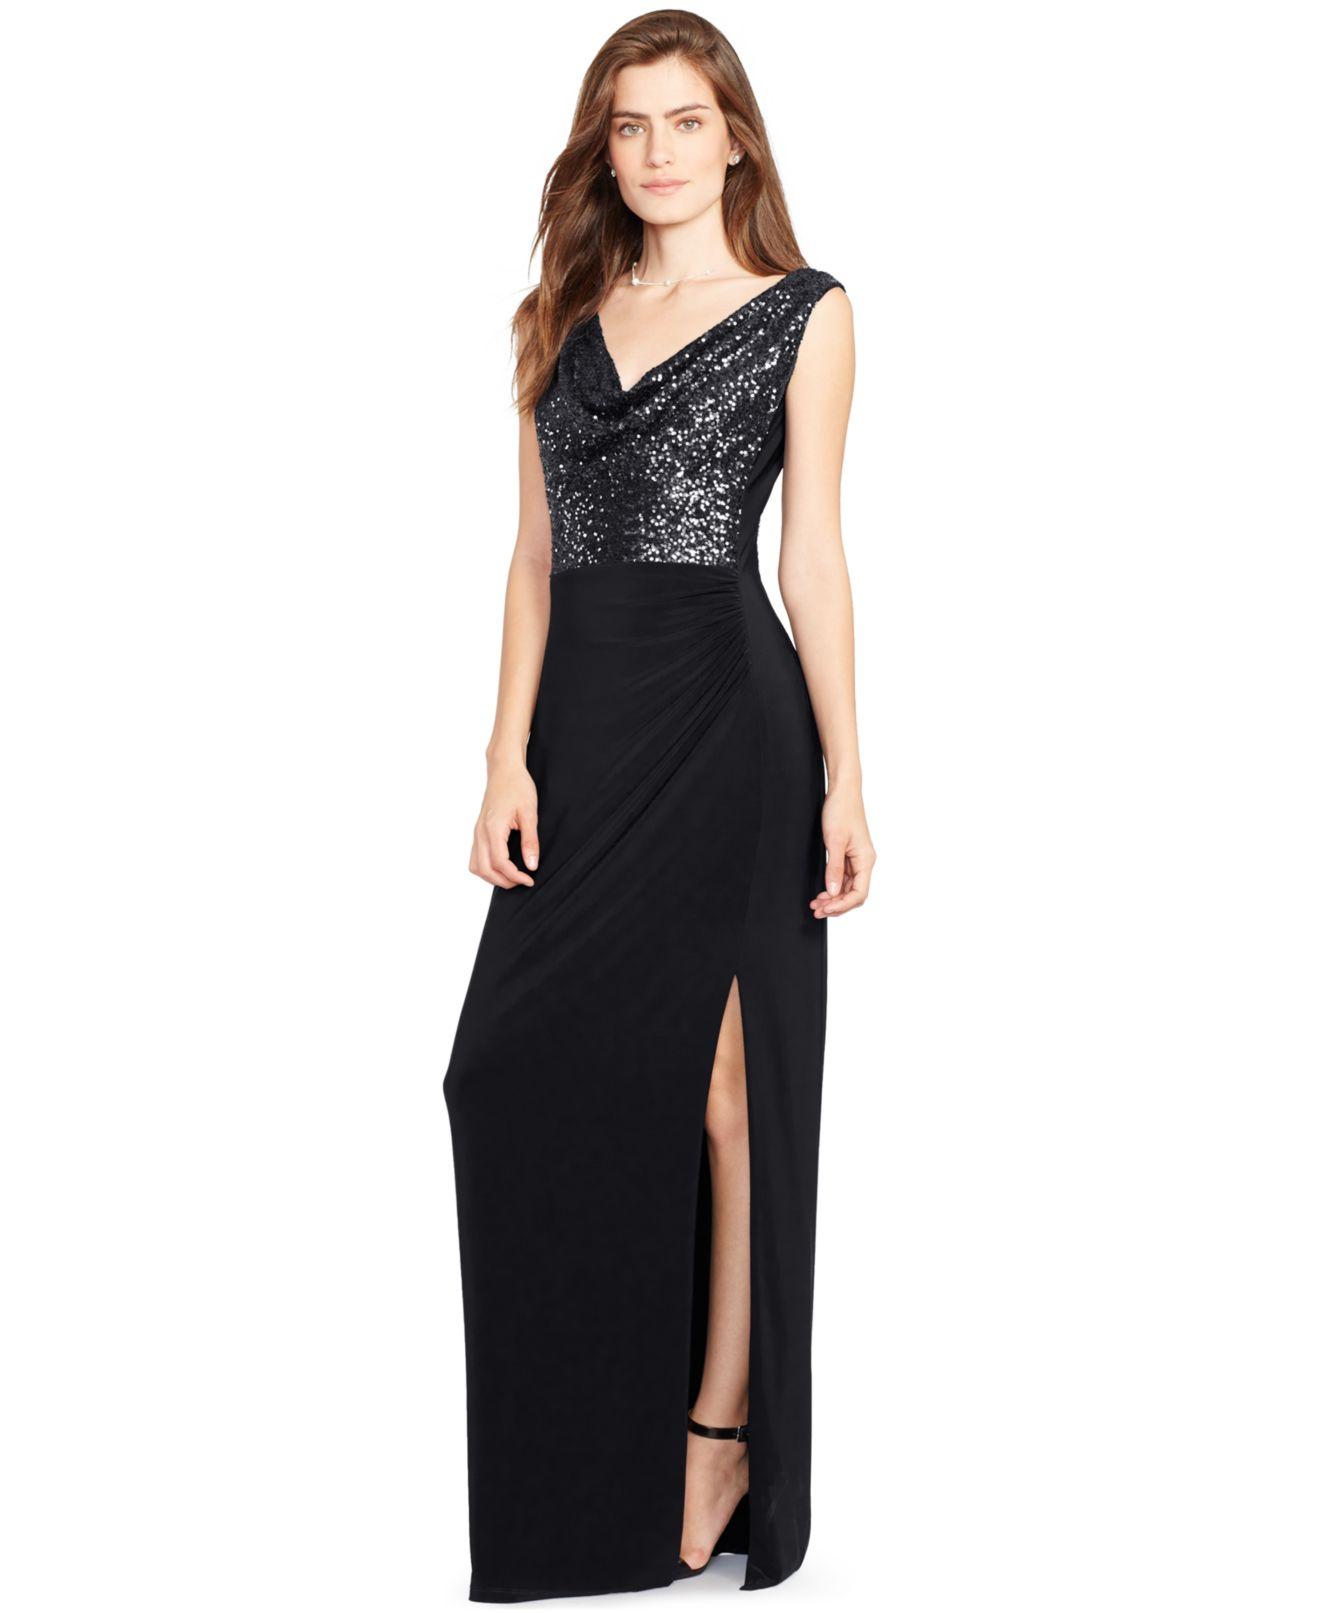 Cocktail Dresses Lexington Ky - Evening Wear